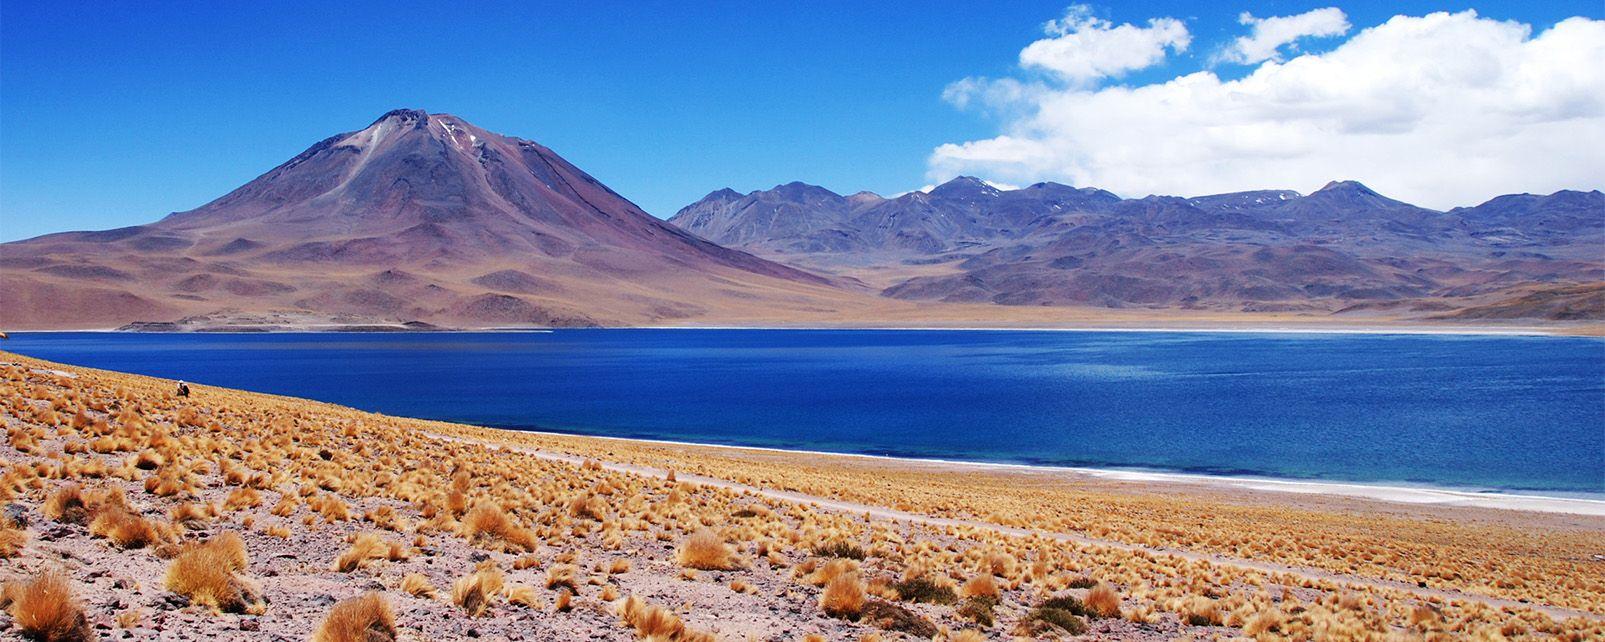 The Altiplano , Bolivia